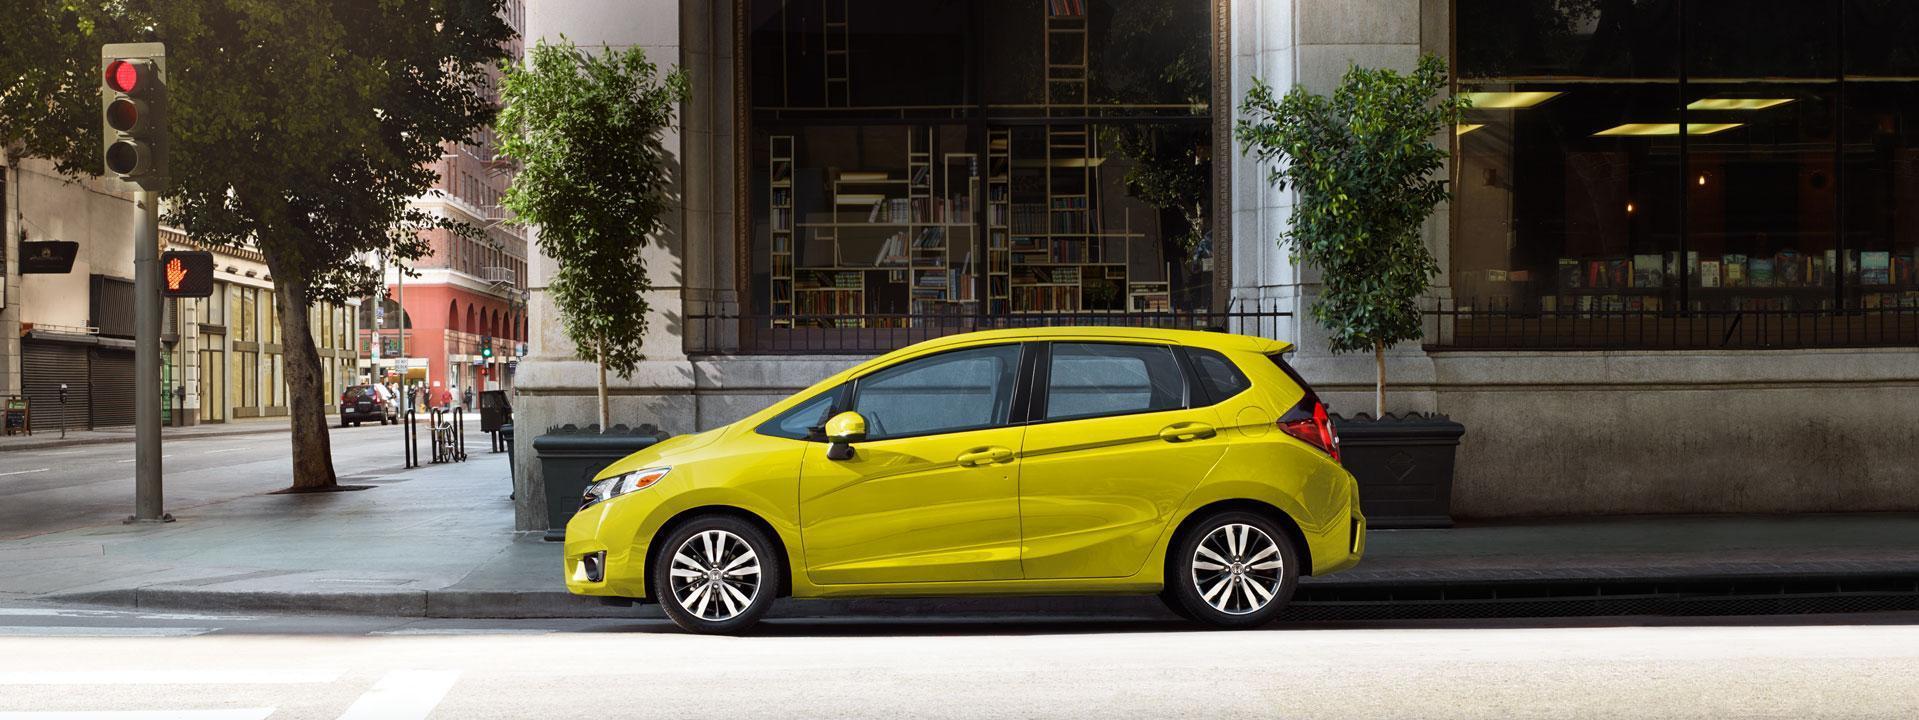 2017 Honda Fit image